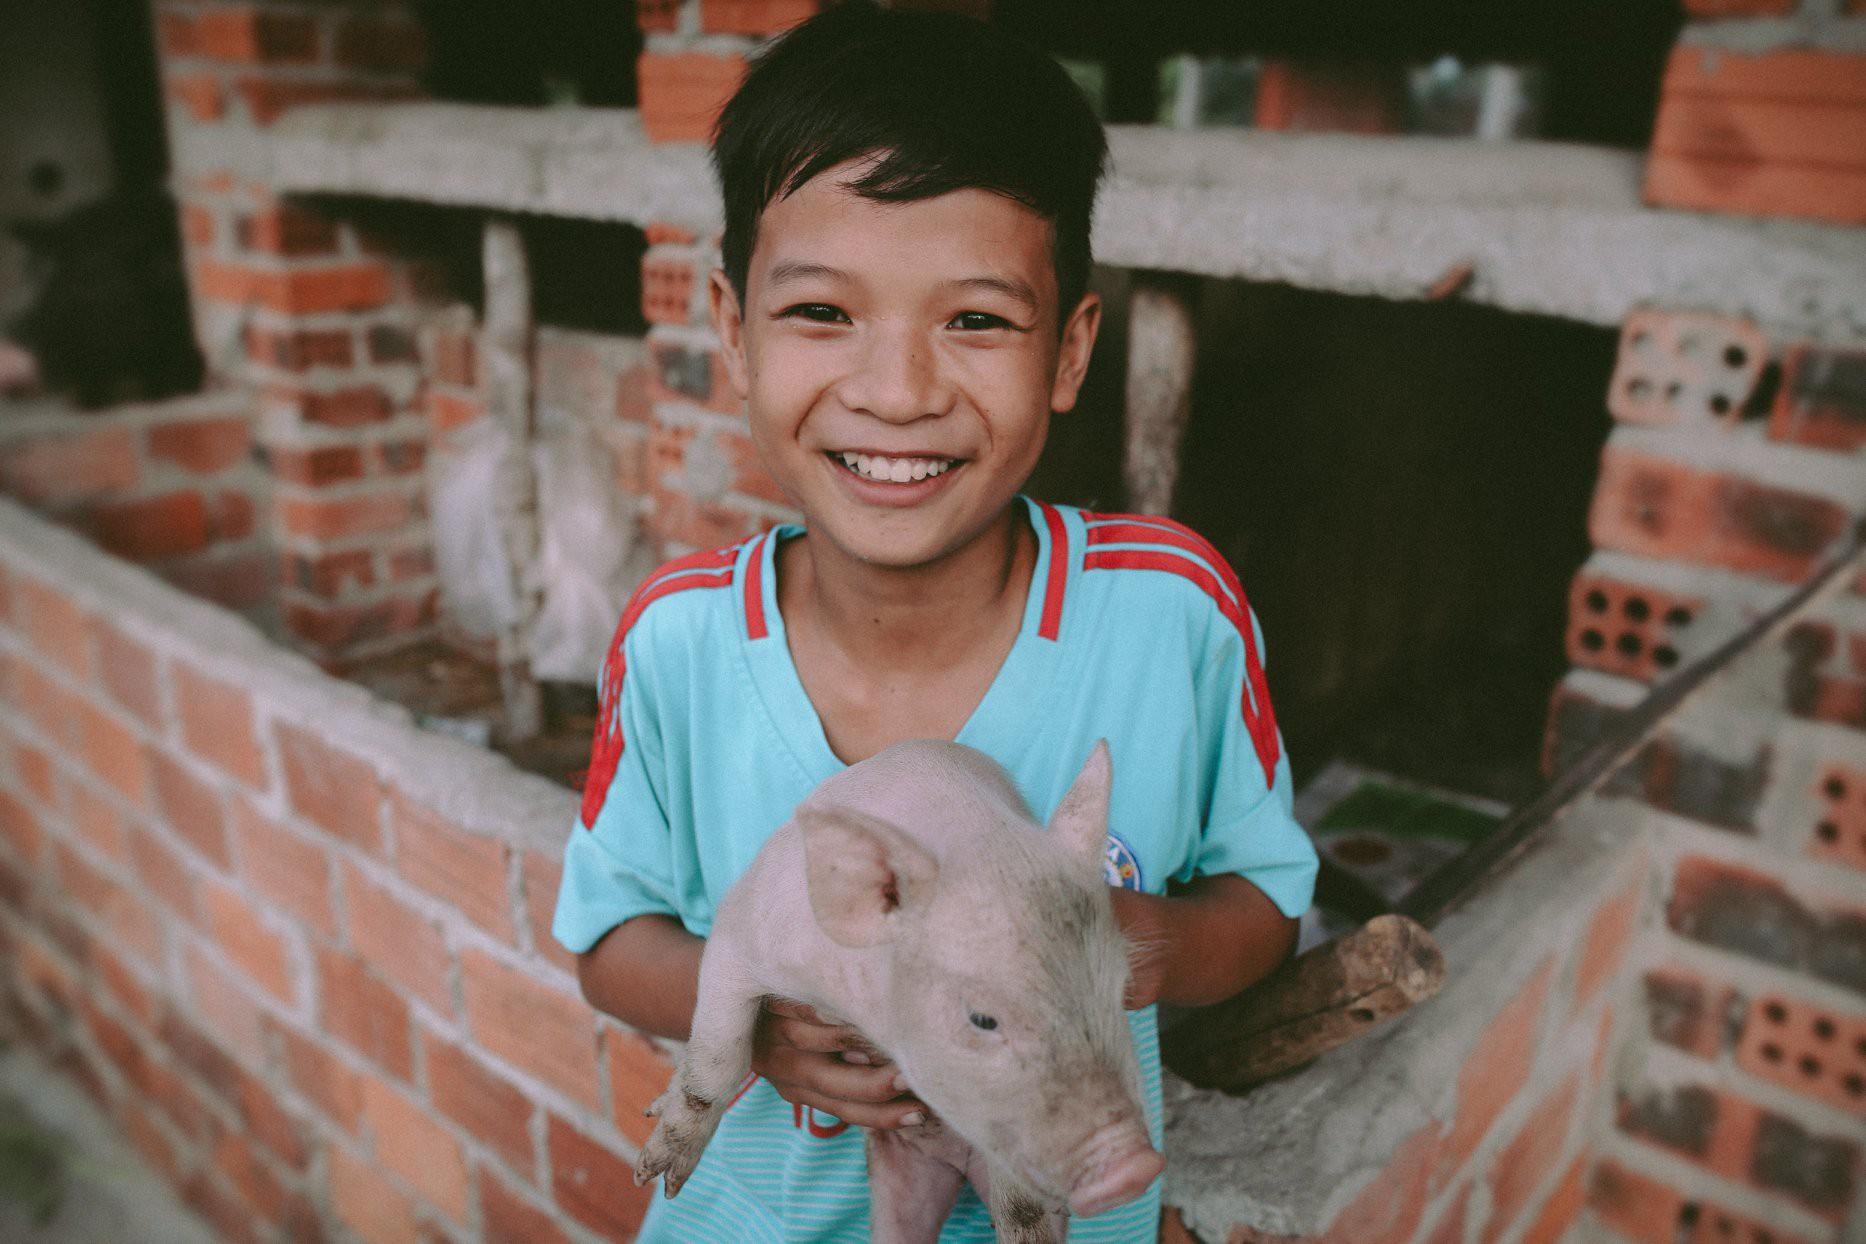 Bộ ảnh xúc động về cậu bé mồ côi ở Quảng Nam tự lập từ năm 12 tuổi, nuôi lợn để được đến trường 1